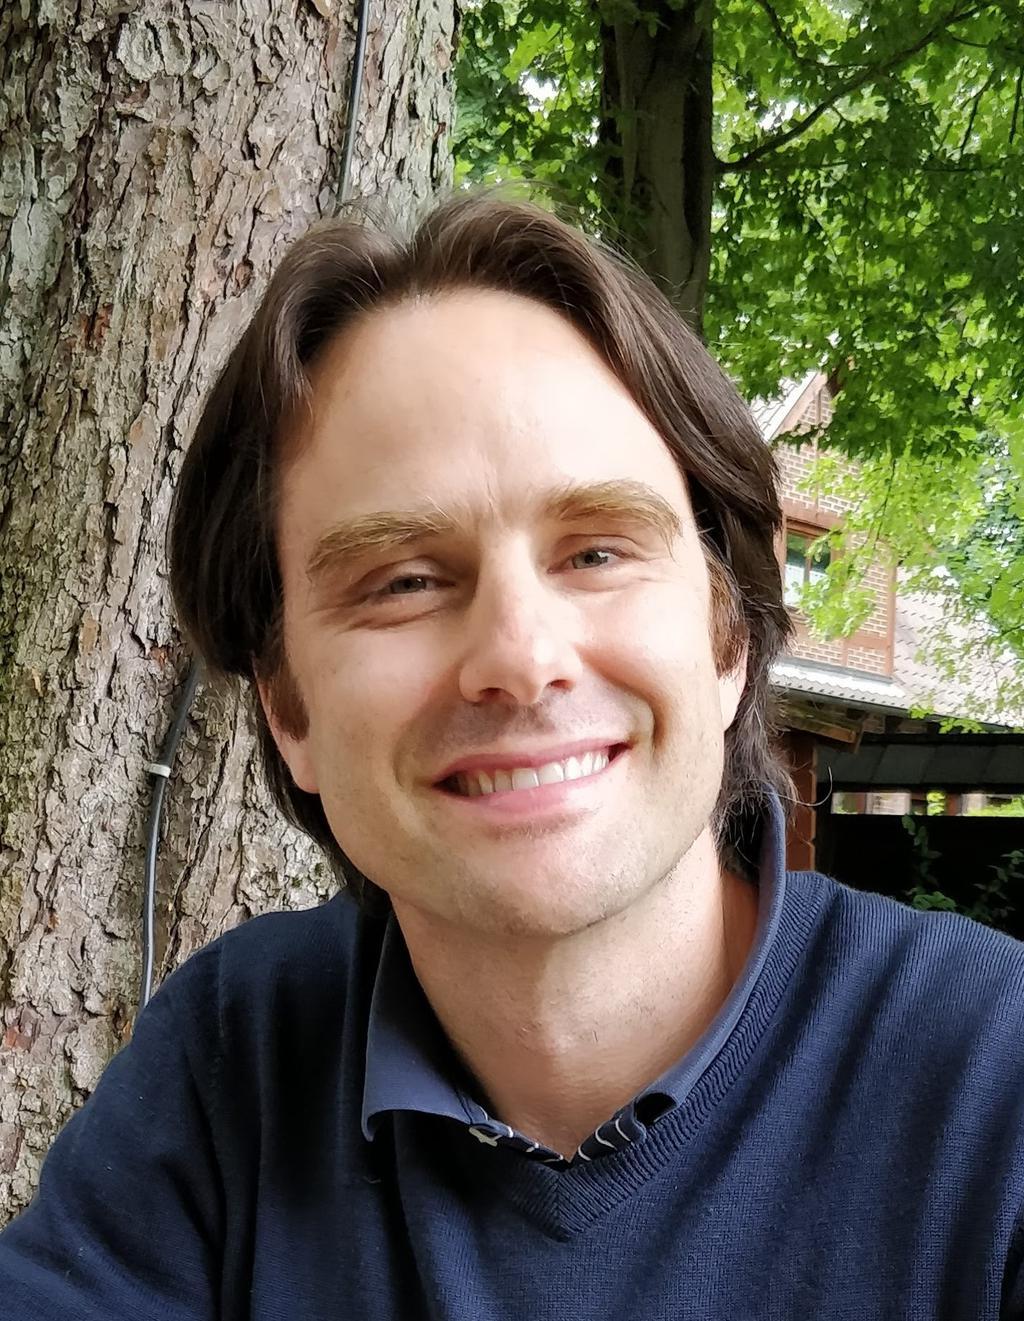 Luis Servin photo